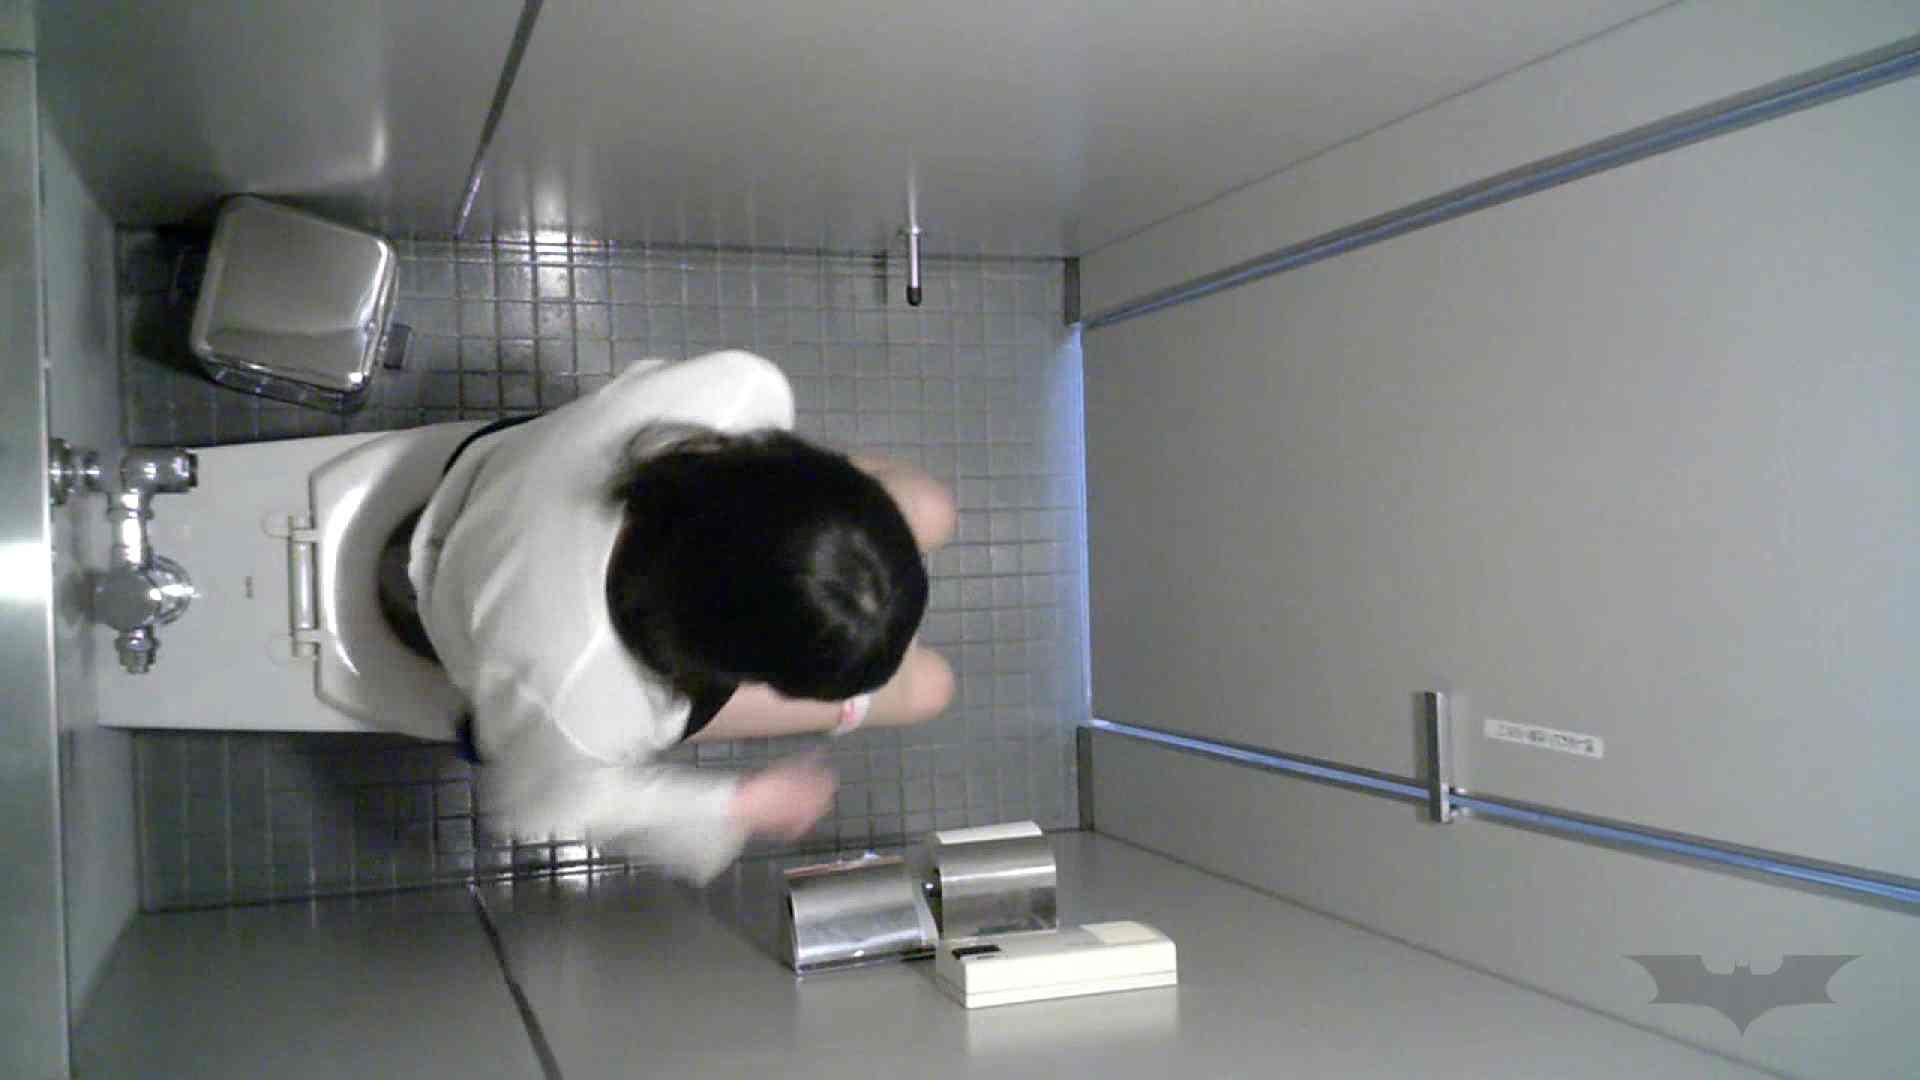 有名大学女性洗面所 vol.36 すっごい「ほじって」ます。 排泄 ワレメ無修正動画無料 67画像 15